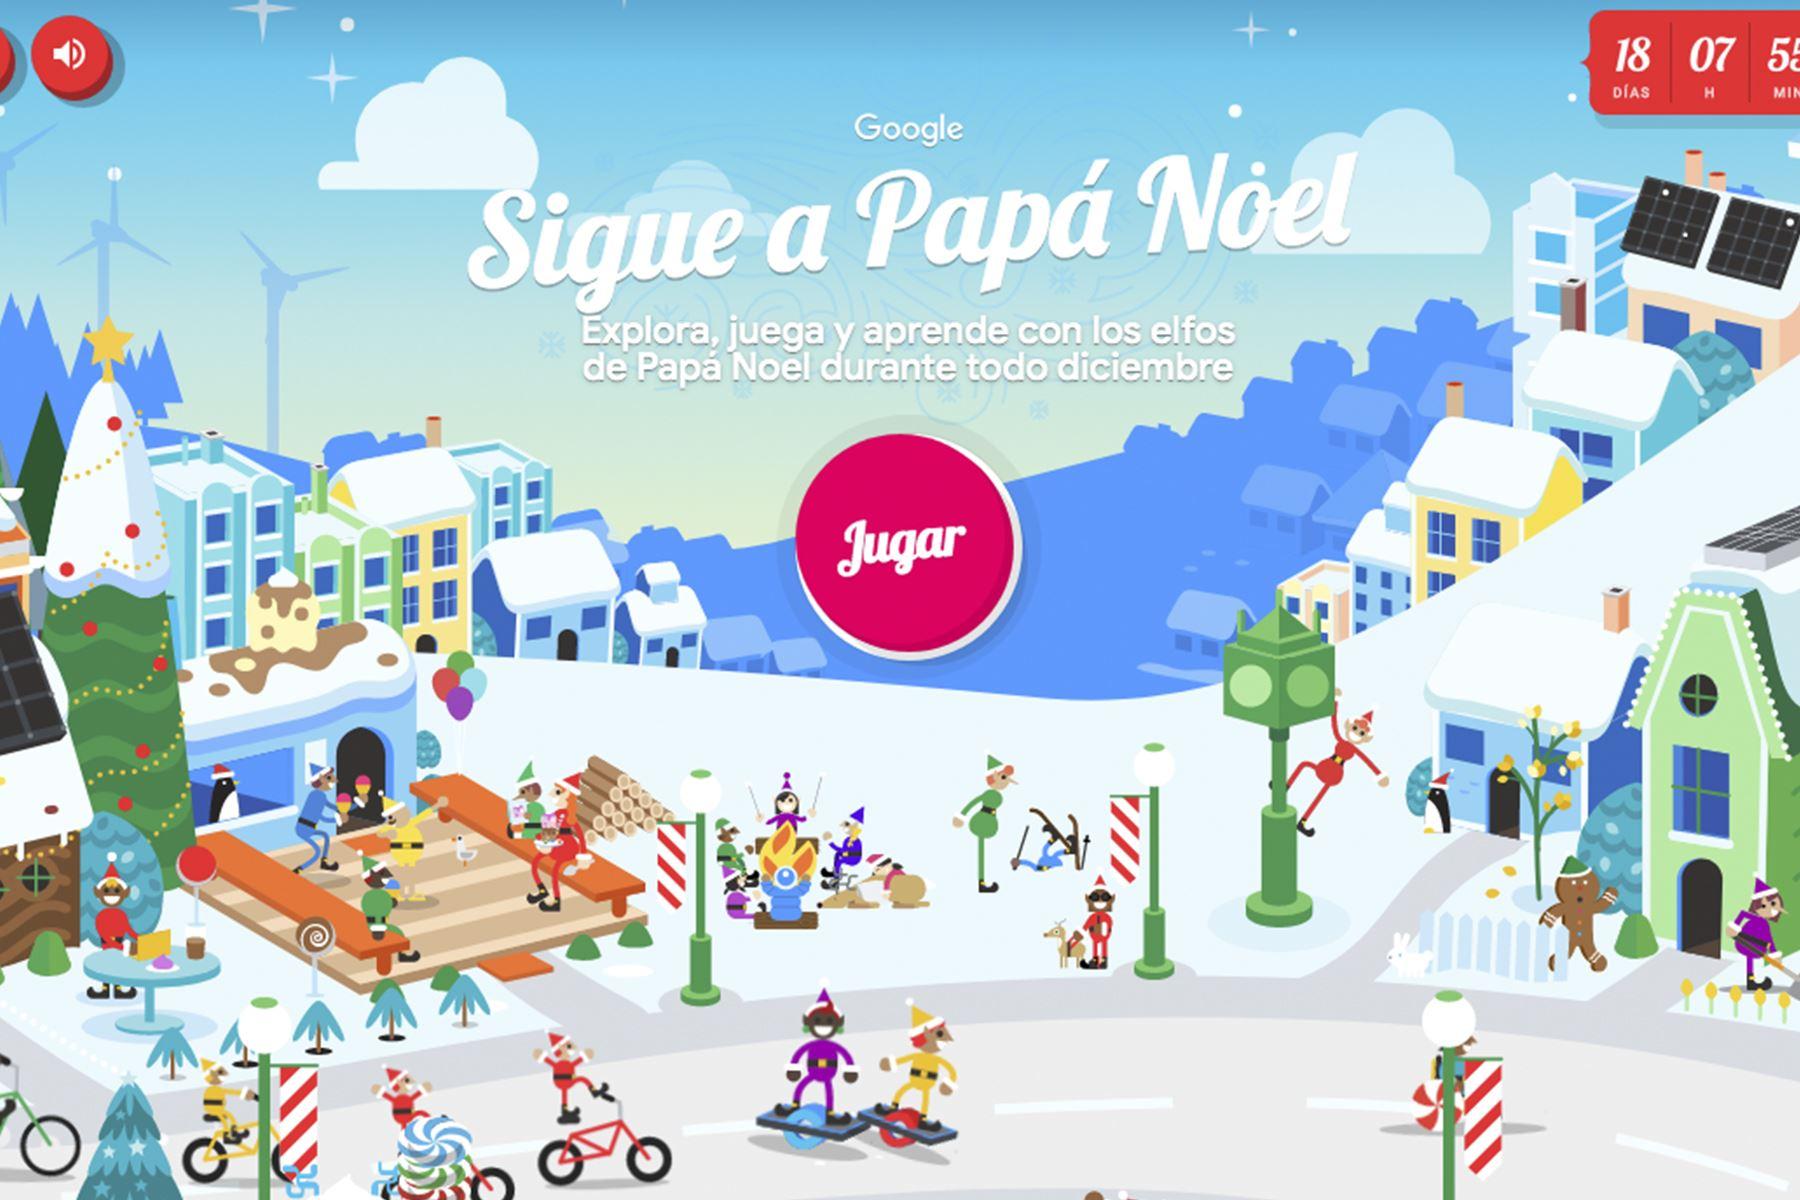 Aldea de Papá Noel, una página creada por Google totalmente dedicada a la Navidad